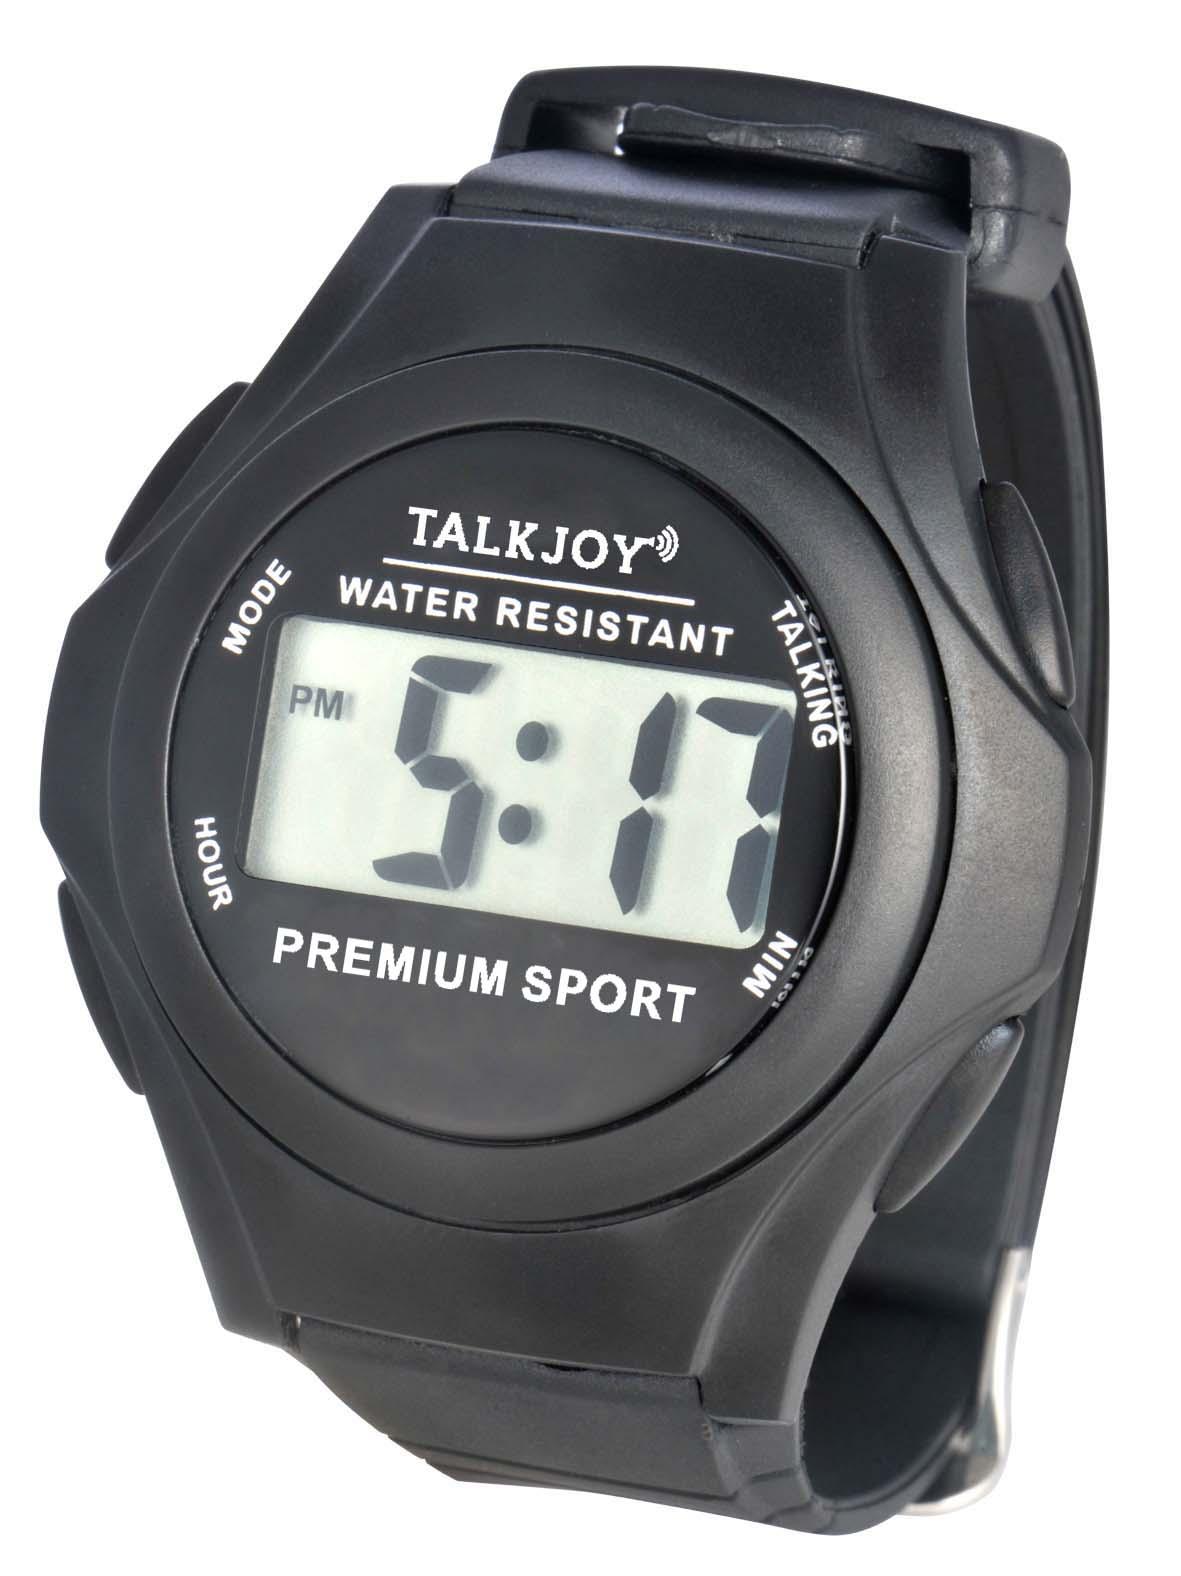 Wasserfeste Sprechende Uhr Armbanduhr Senioren Blinde Sprachfunktion Zeitansage